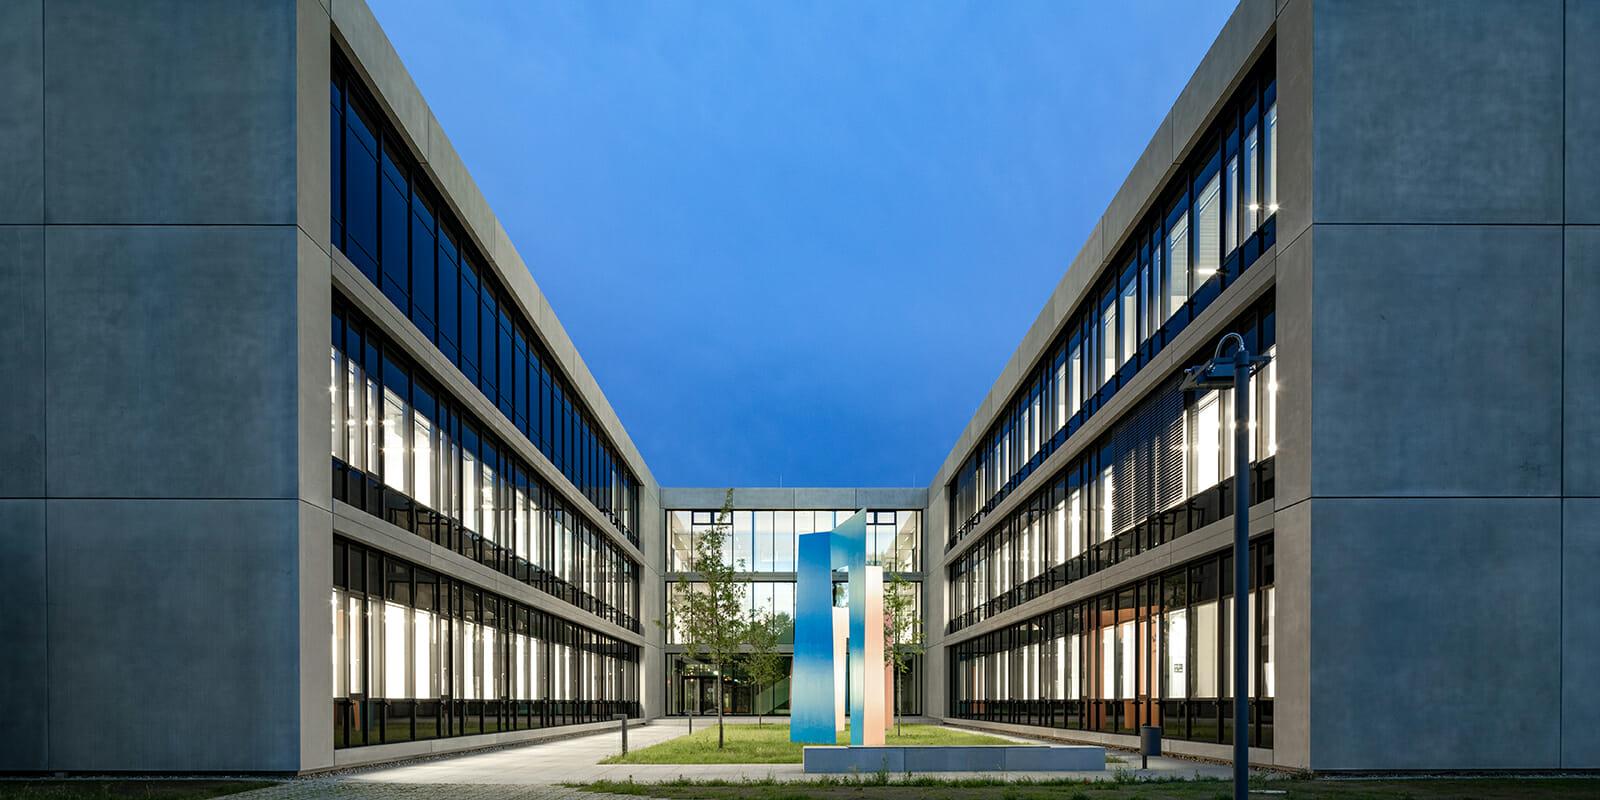 Universität Ulm, Zentrum für Quanten- und Biowissenschaften, 89081 Ulm